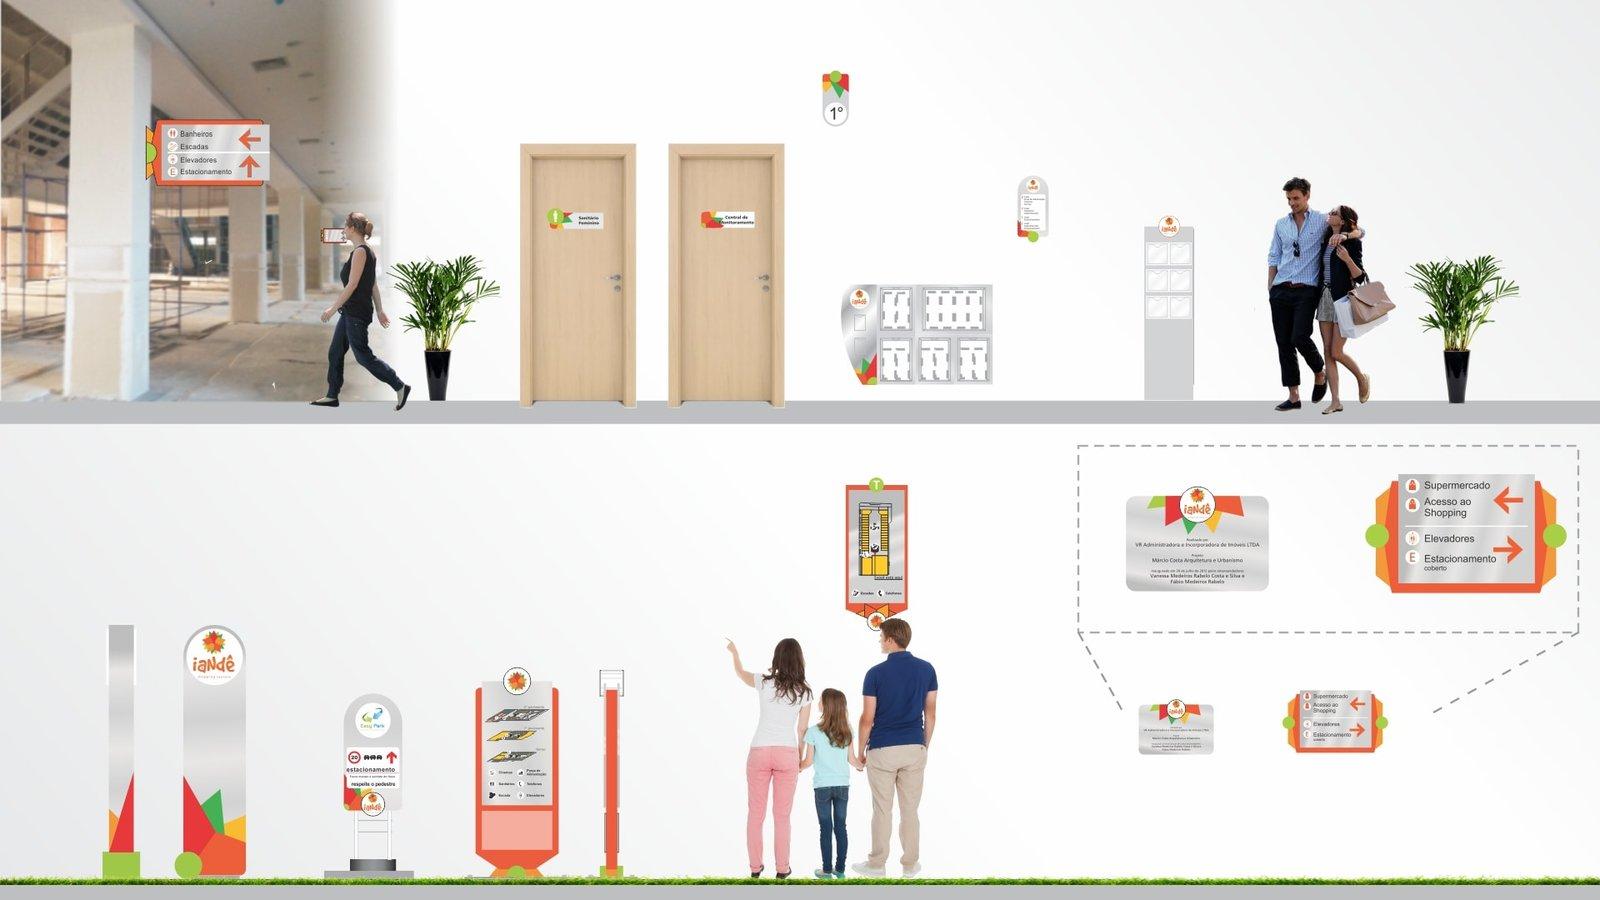 MLMS Sinalização Arquitetônica - Shopping Iandê